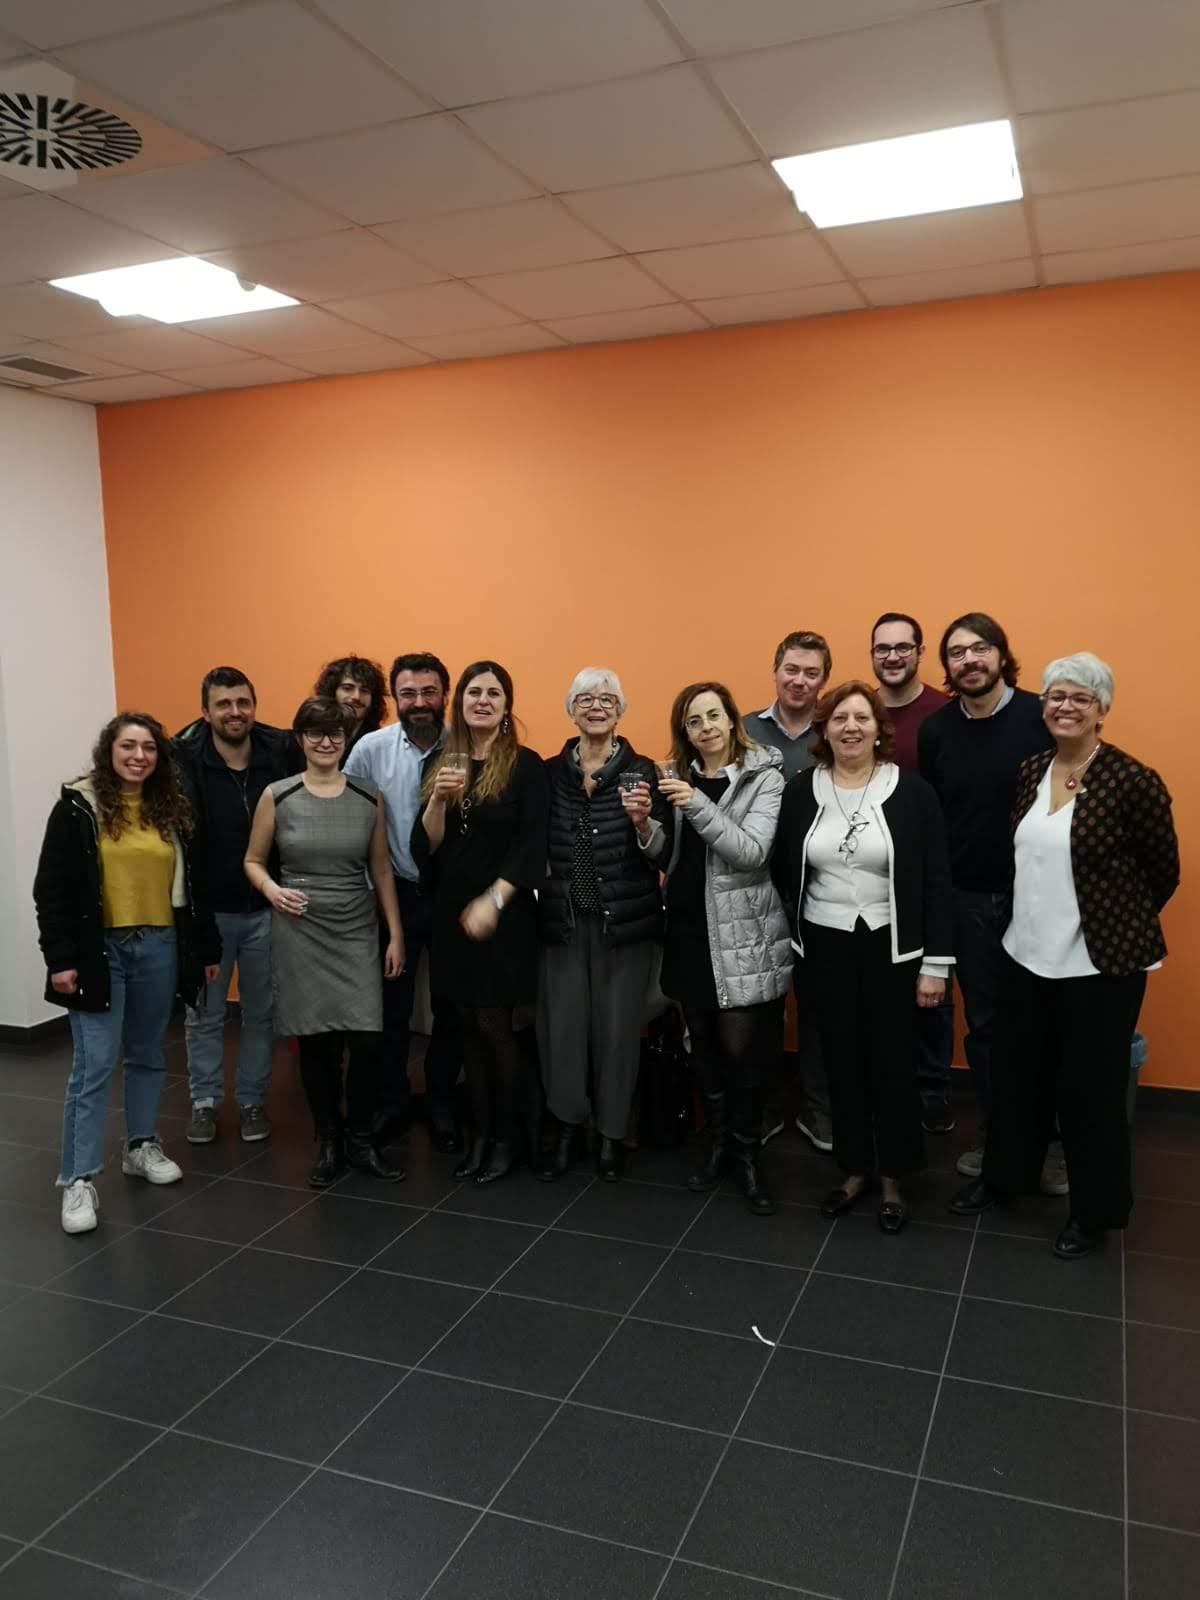 Il team MOSAIC al termine dell'evento di presentazione del progetto